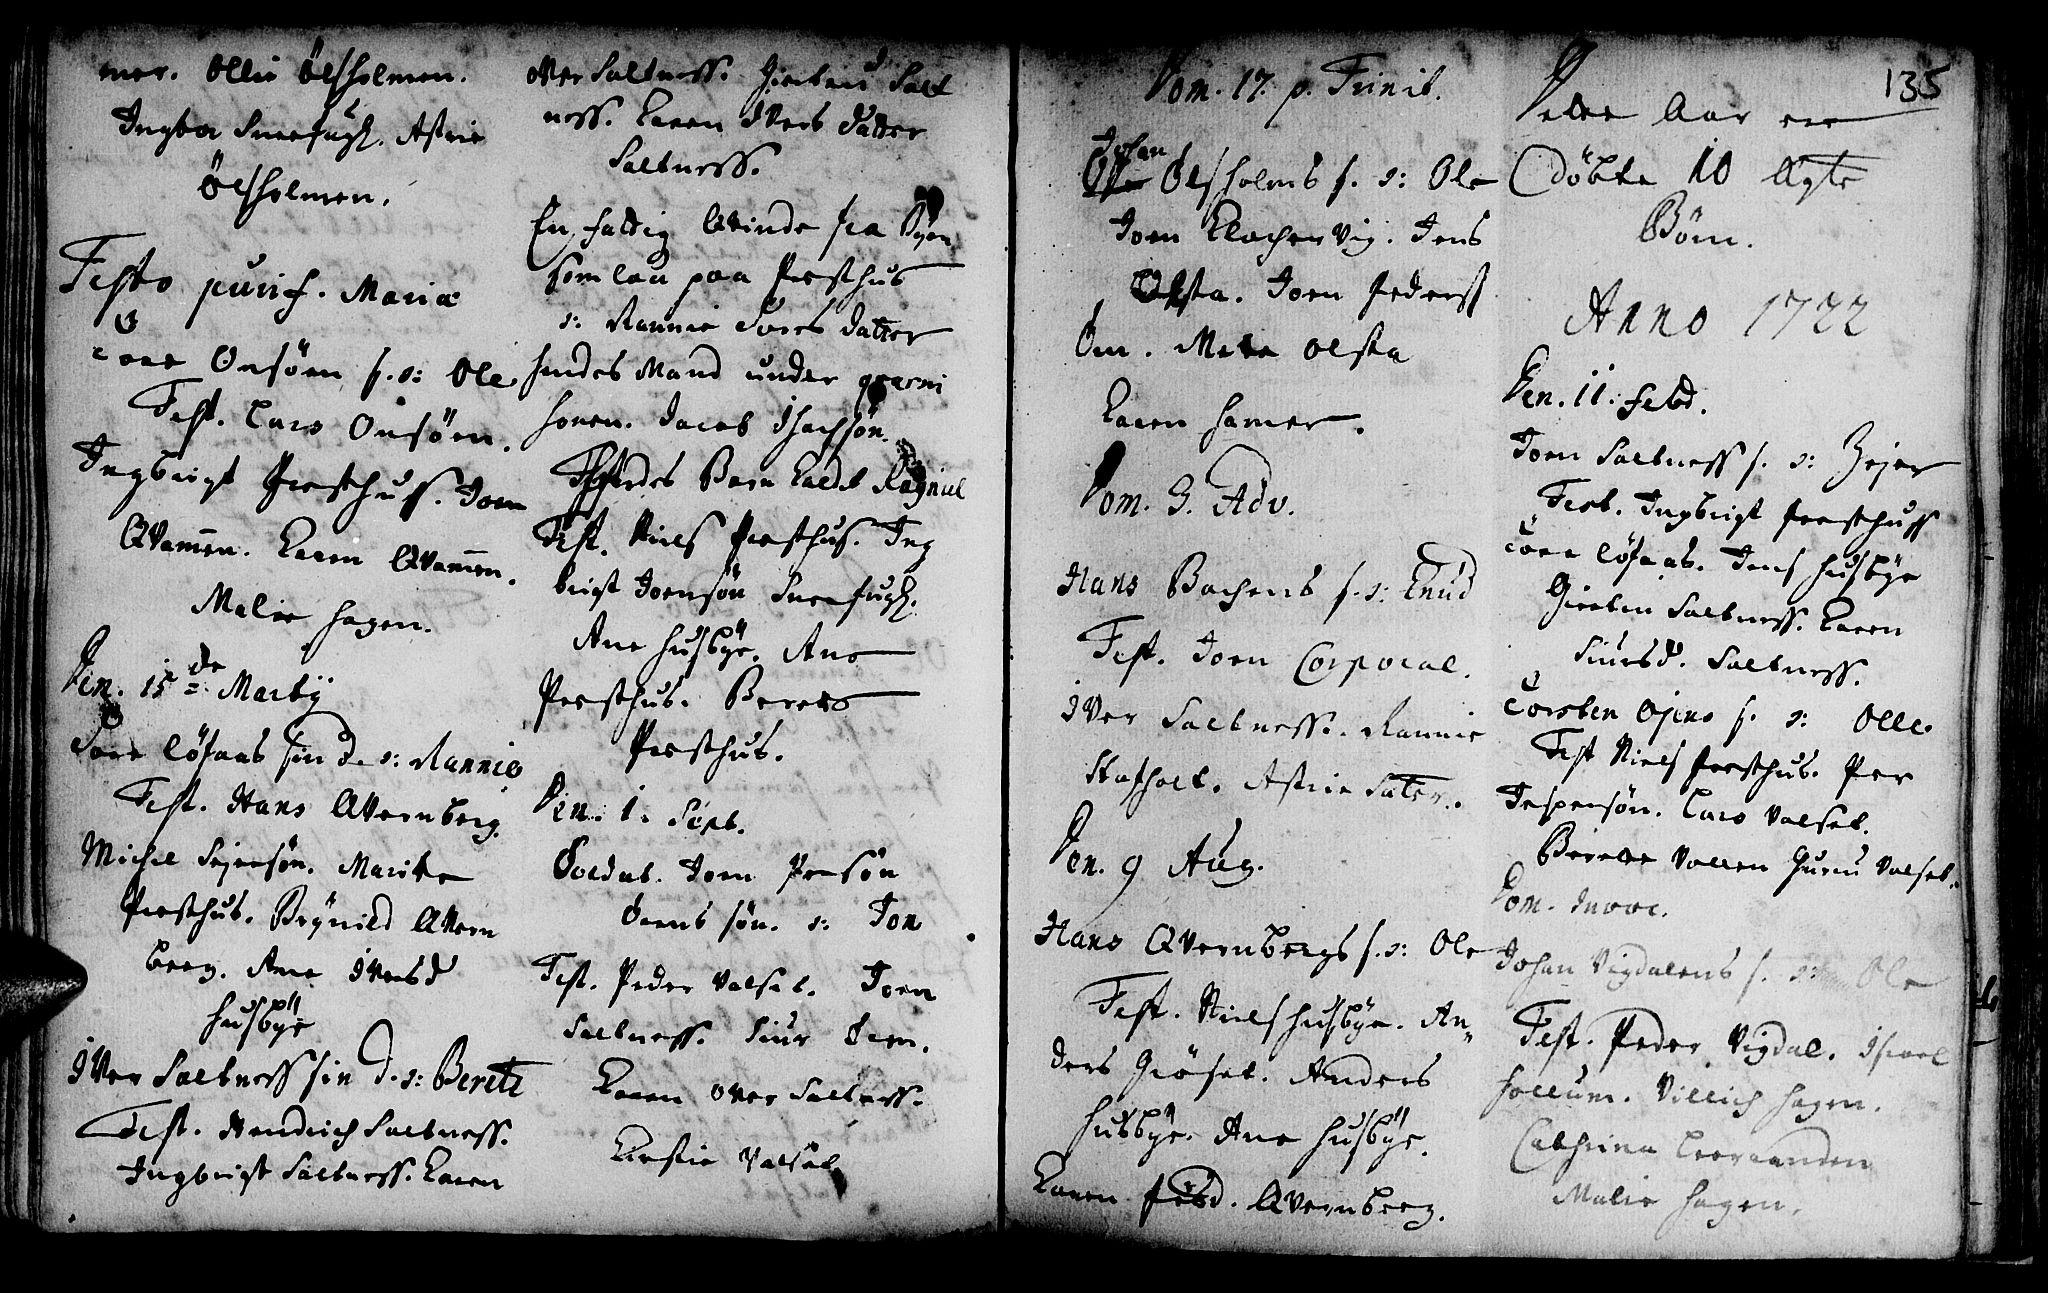 SAT, Ministerialprotokoller, klokkerbøker og fødselsregistre - Sør-Trøndelag, 666/L0783: Ministerialbok nr. 666A01, 1702-1753, s. 135